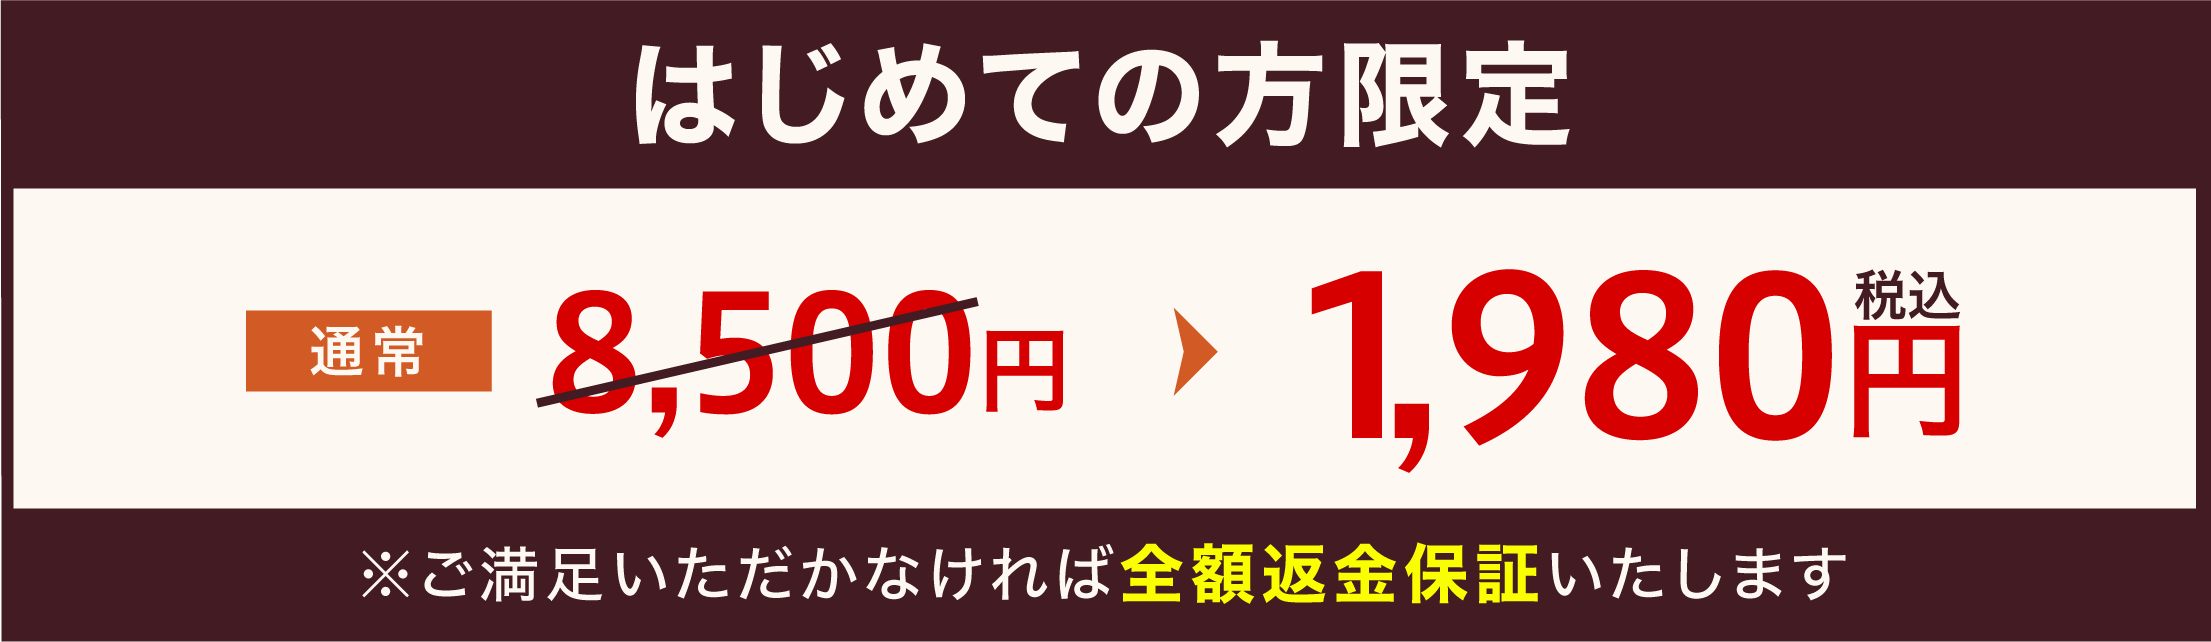 はじめての方限定 通常6,500円のところ1,980円(税込) ※ご満足いただかなければ全額返金保証